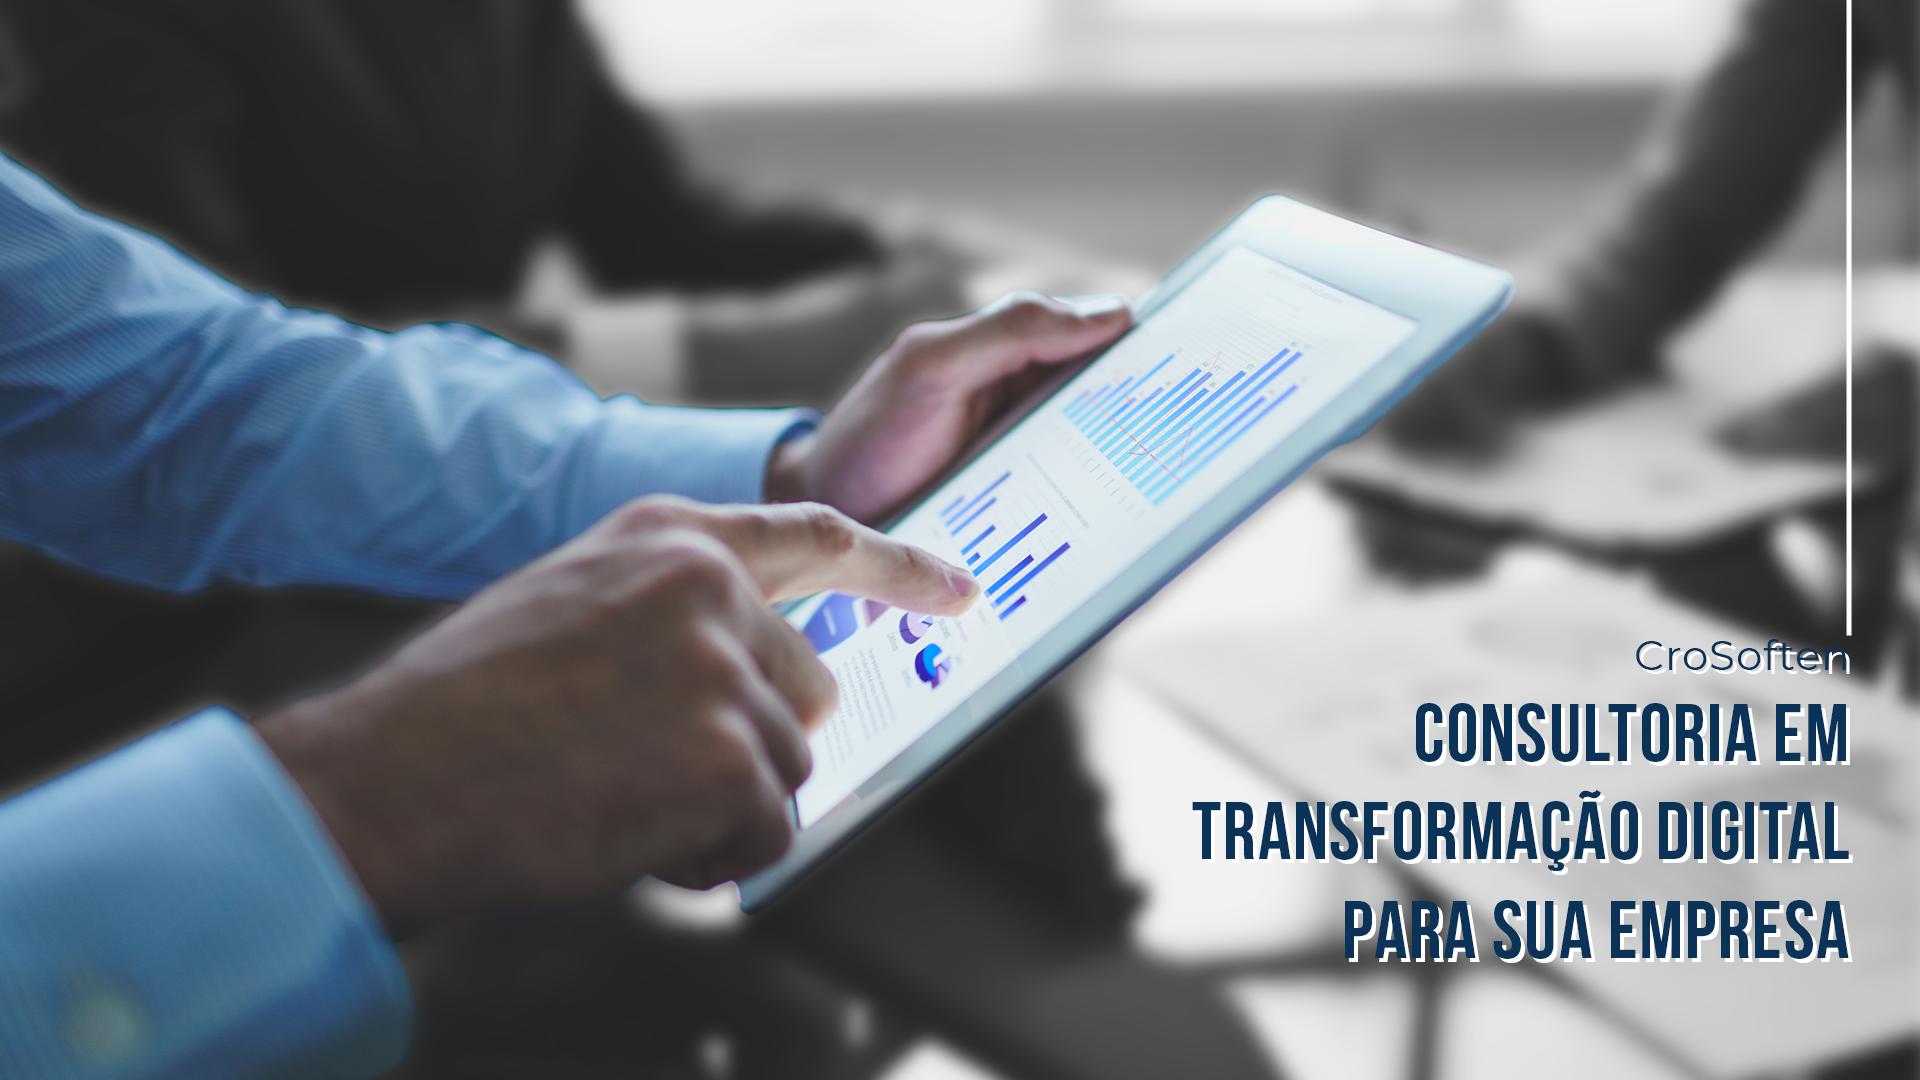 Consultoria em Transformação Digital para sua Empresa